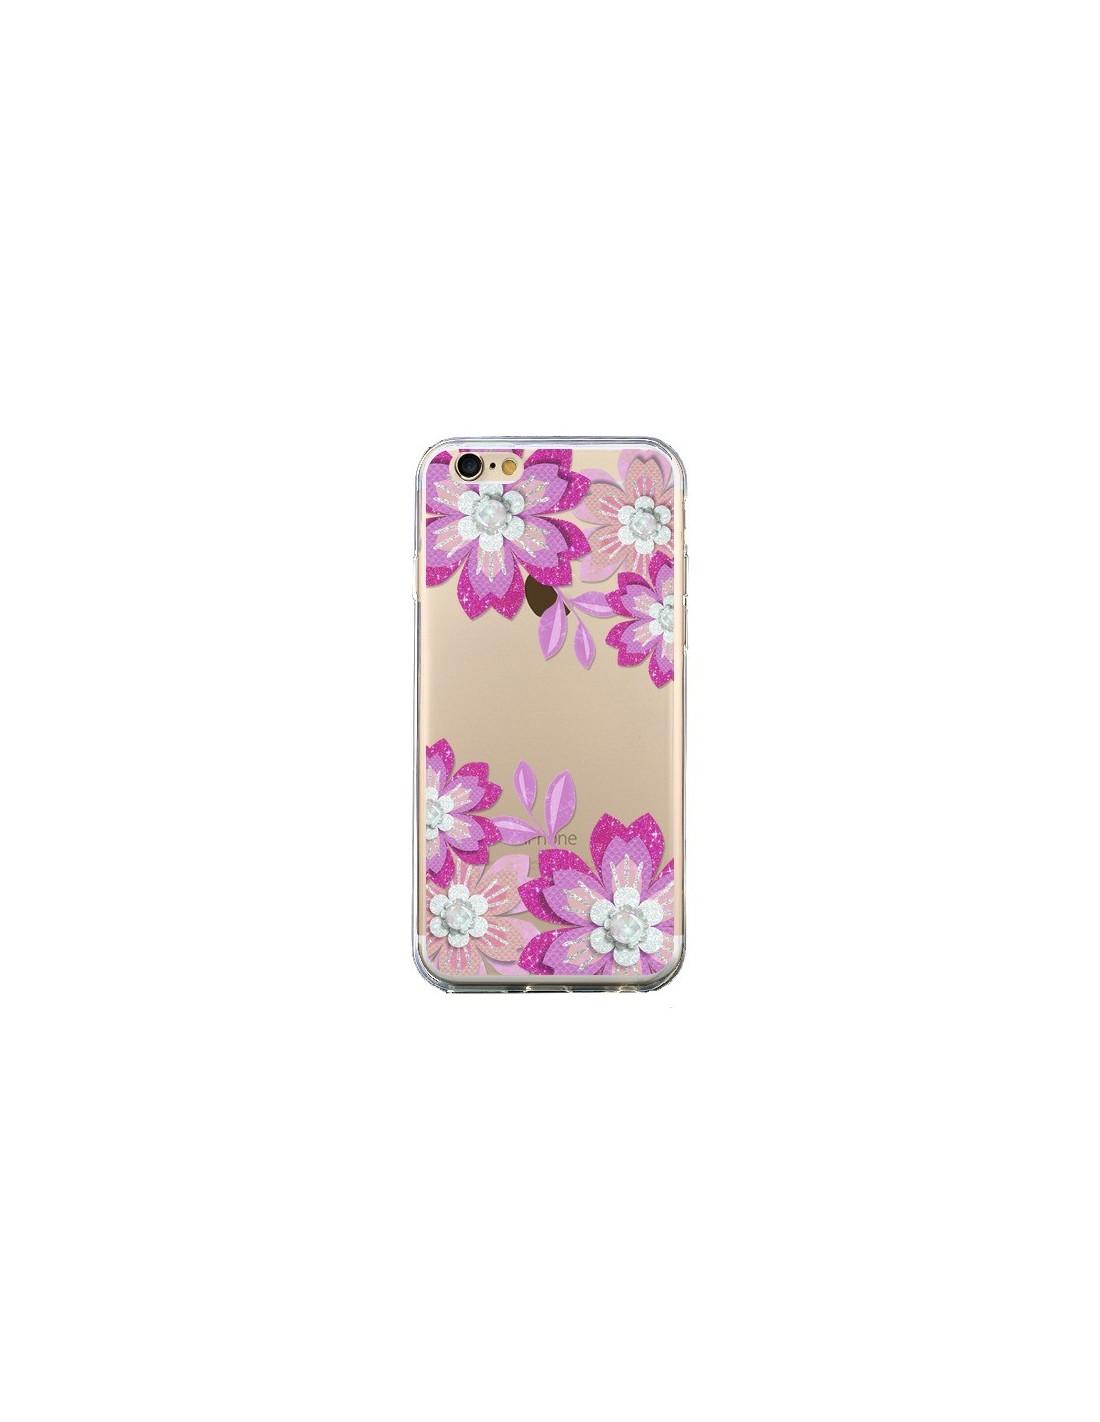 coque iphone 6 transparente fleur